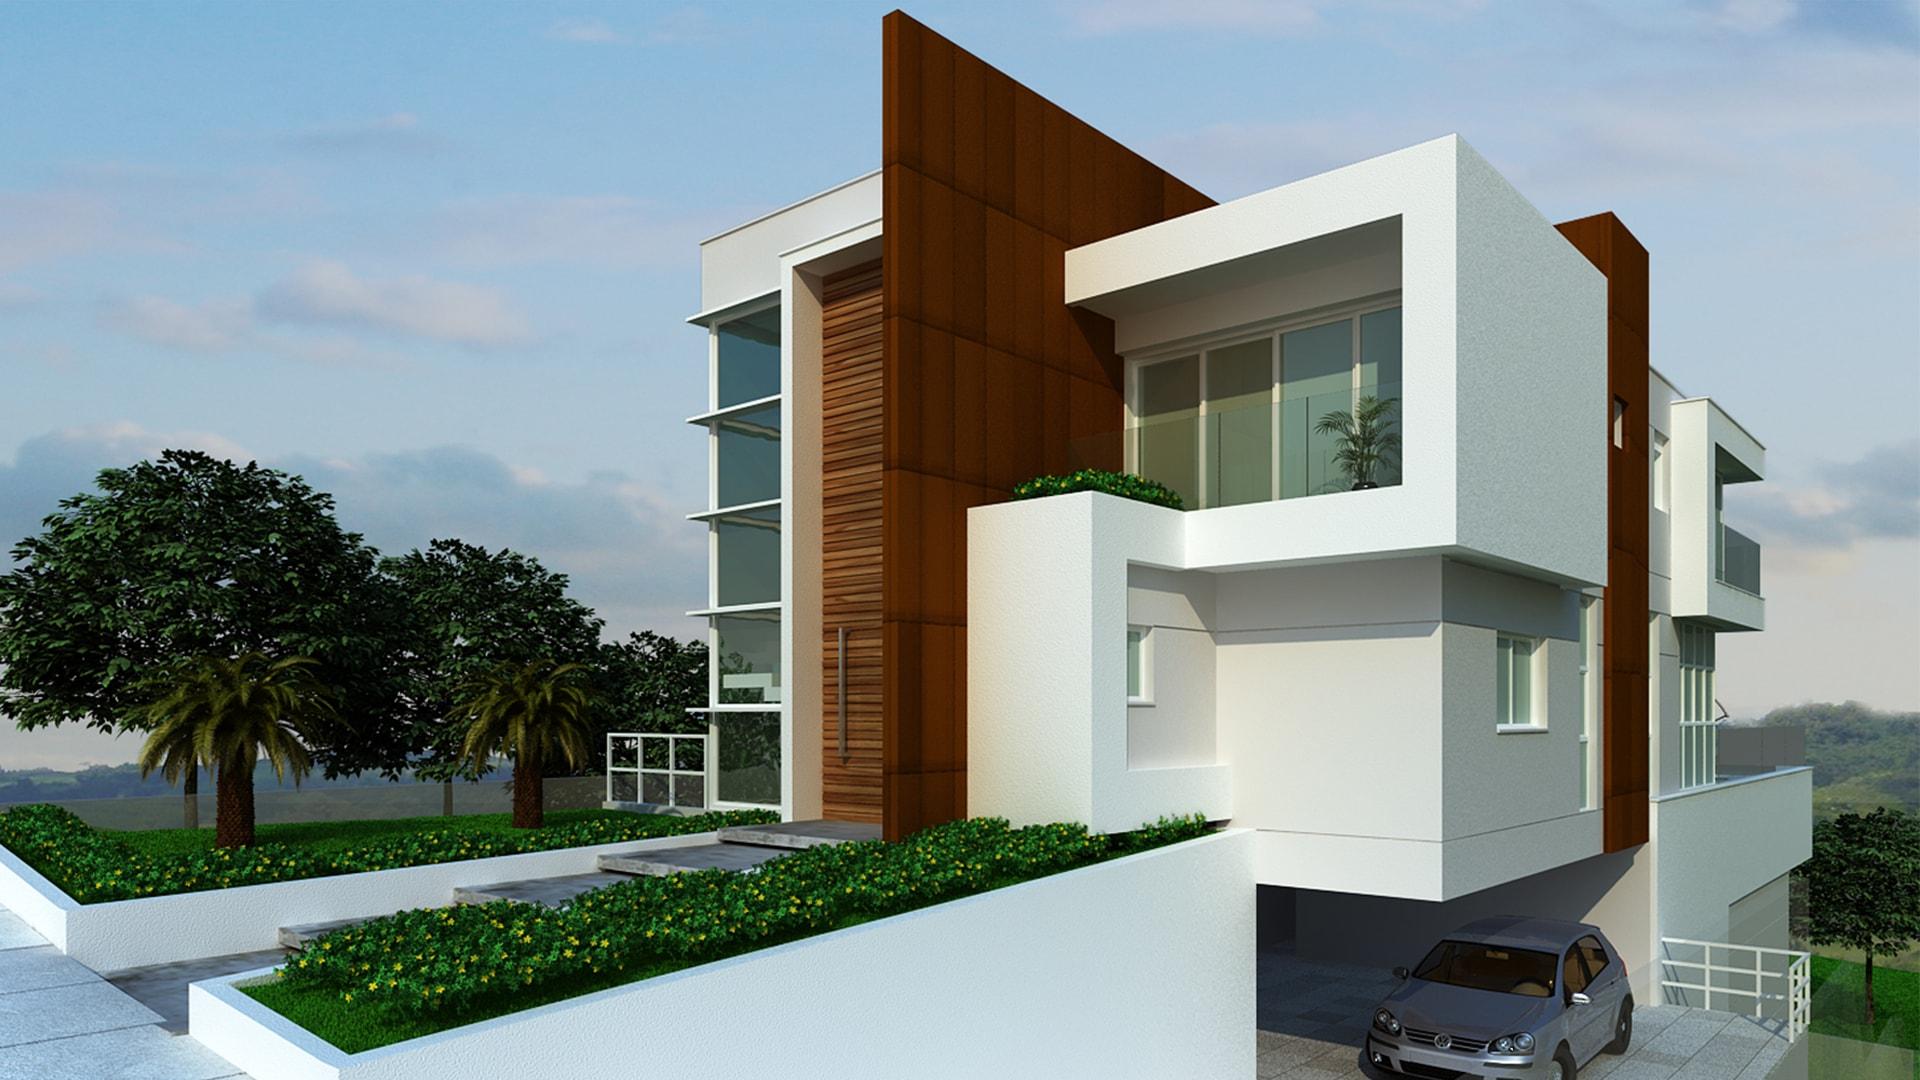 Residencial - 450m² - Tamboré 10 - Santana de Parnaiba - SP